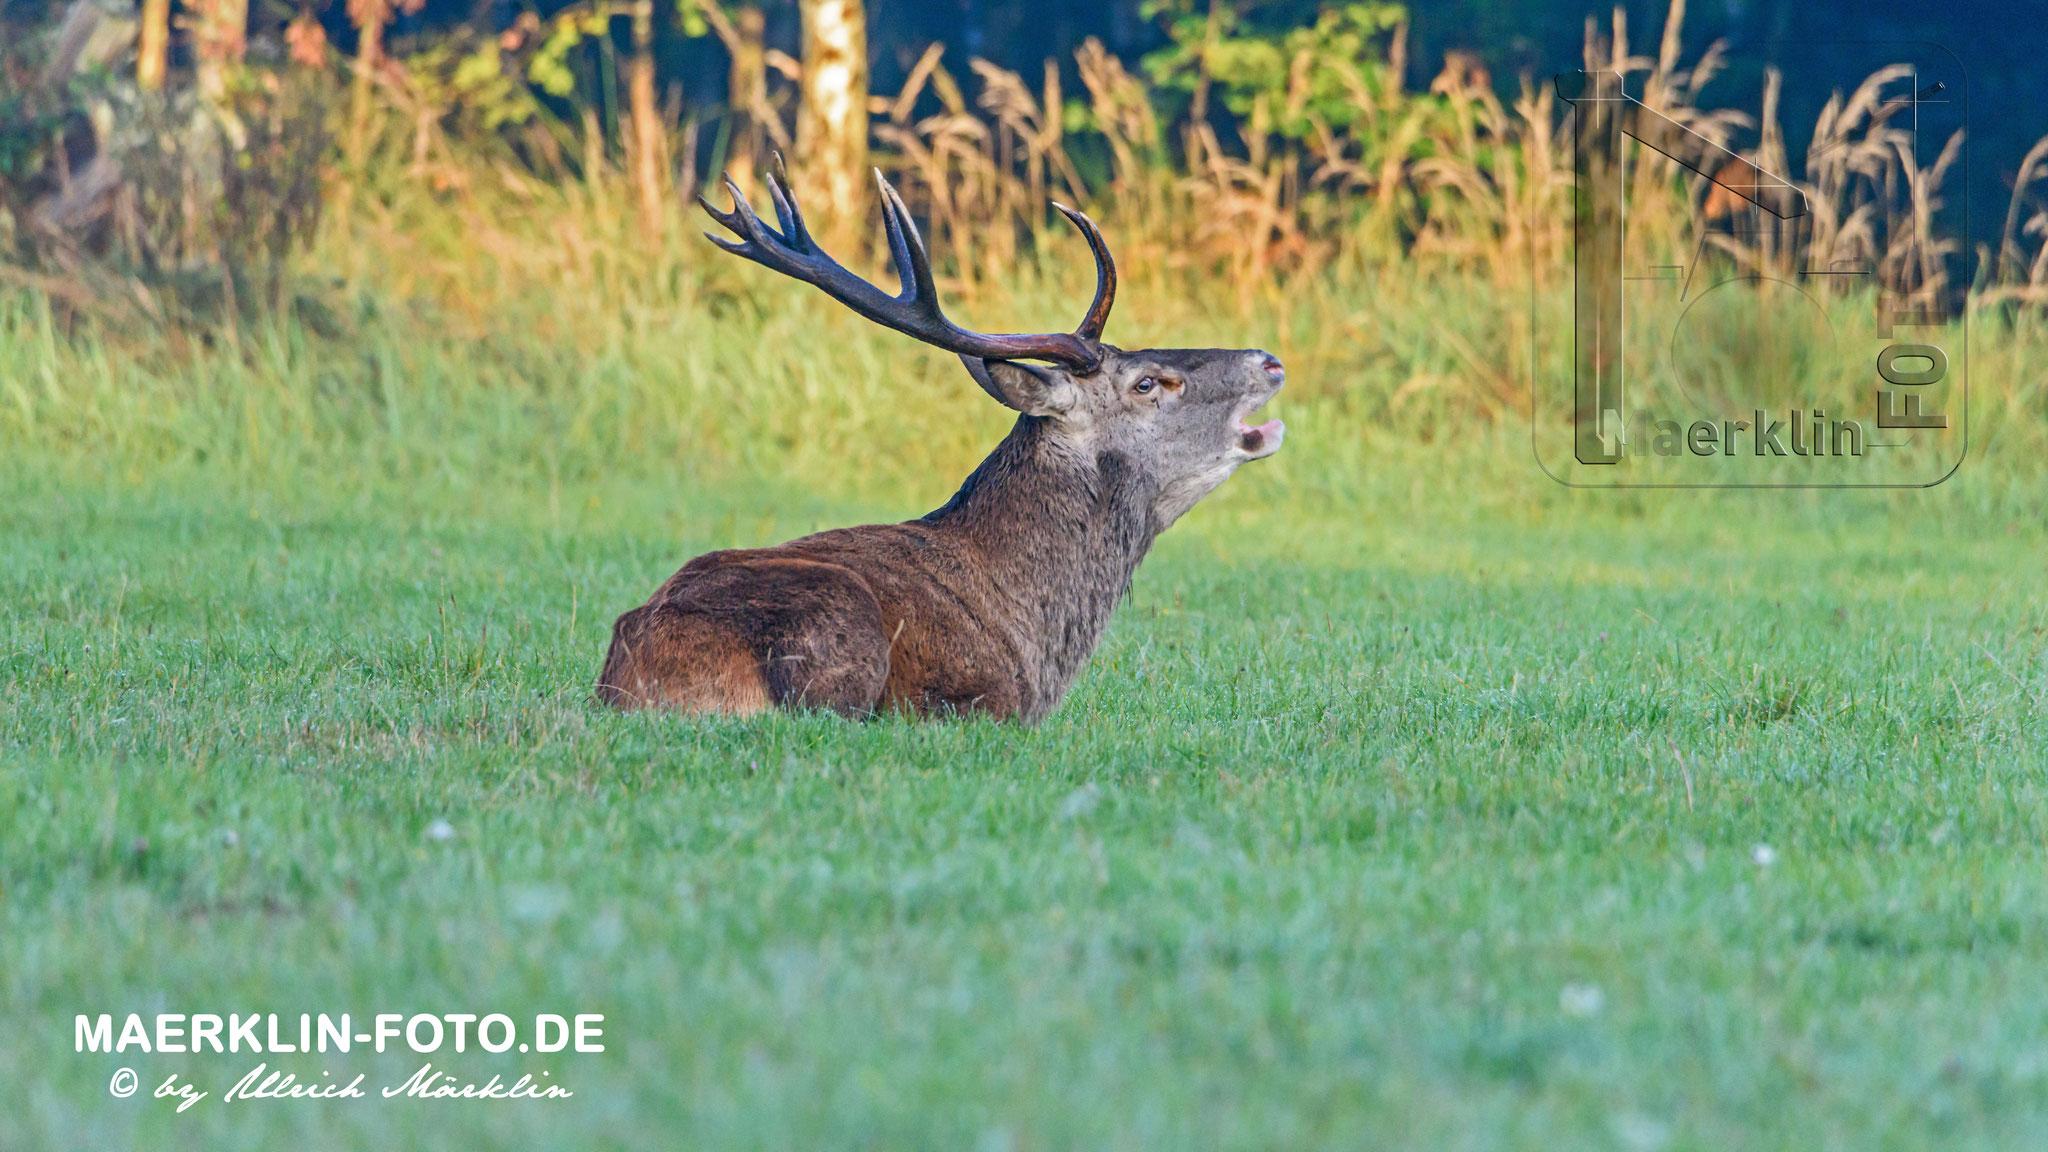 Hirschbrunft im Naturpark Schönbuch, Rothirsch (Cervus elaphus)